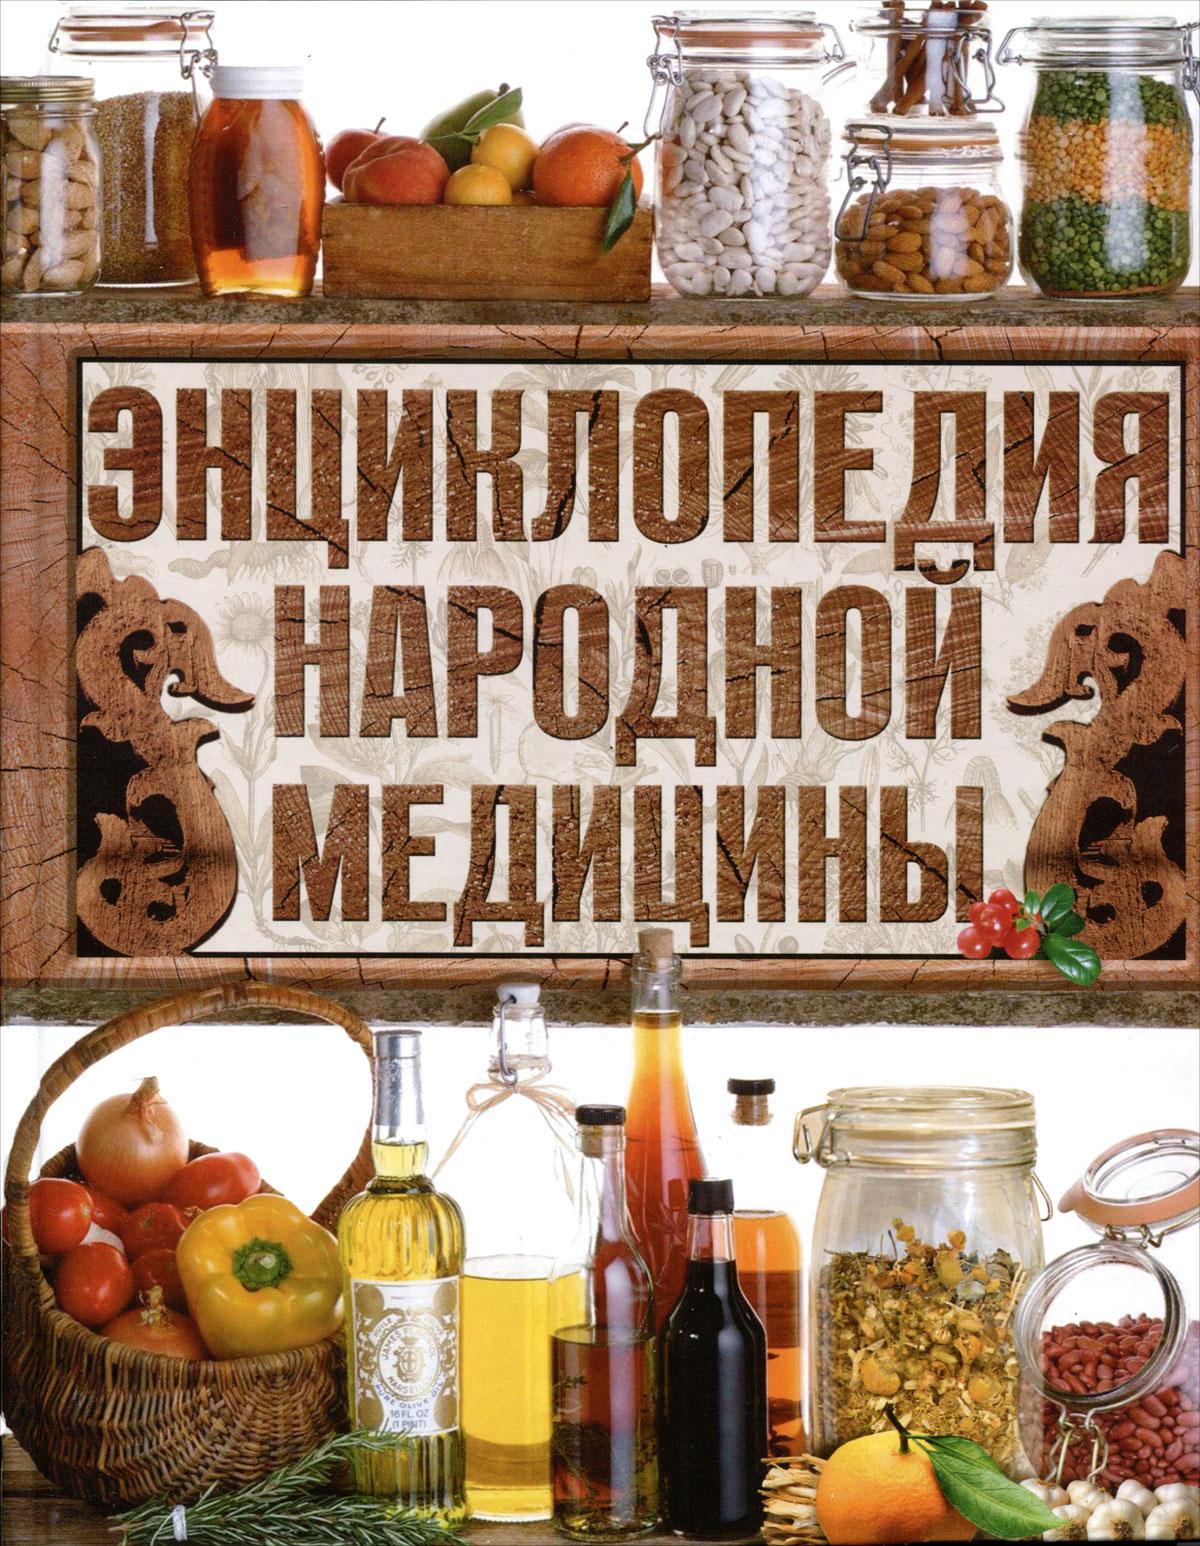 Энциклопедия народной медицины. Л. И. Михайлова